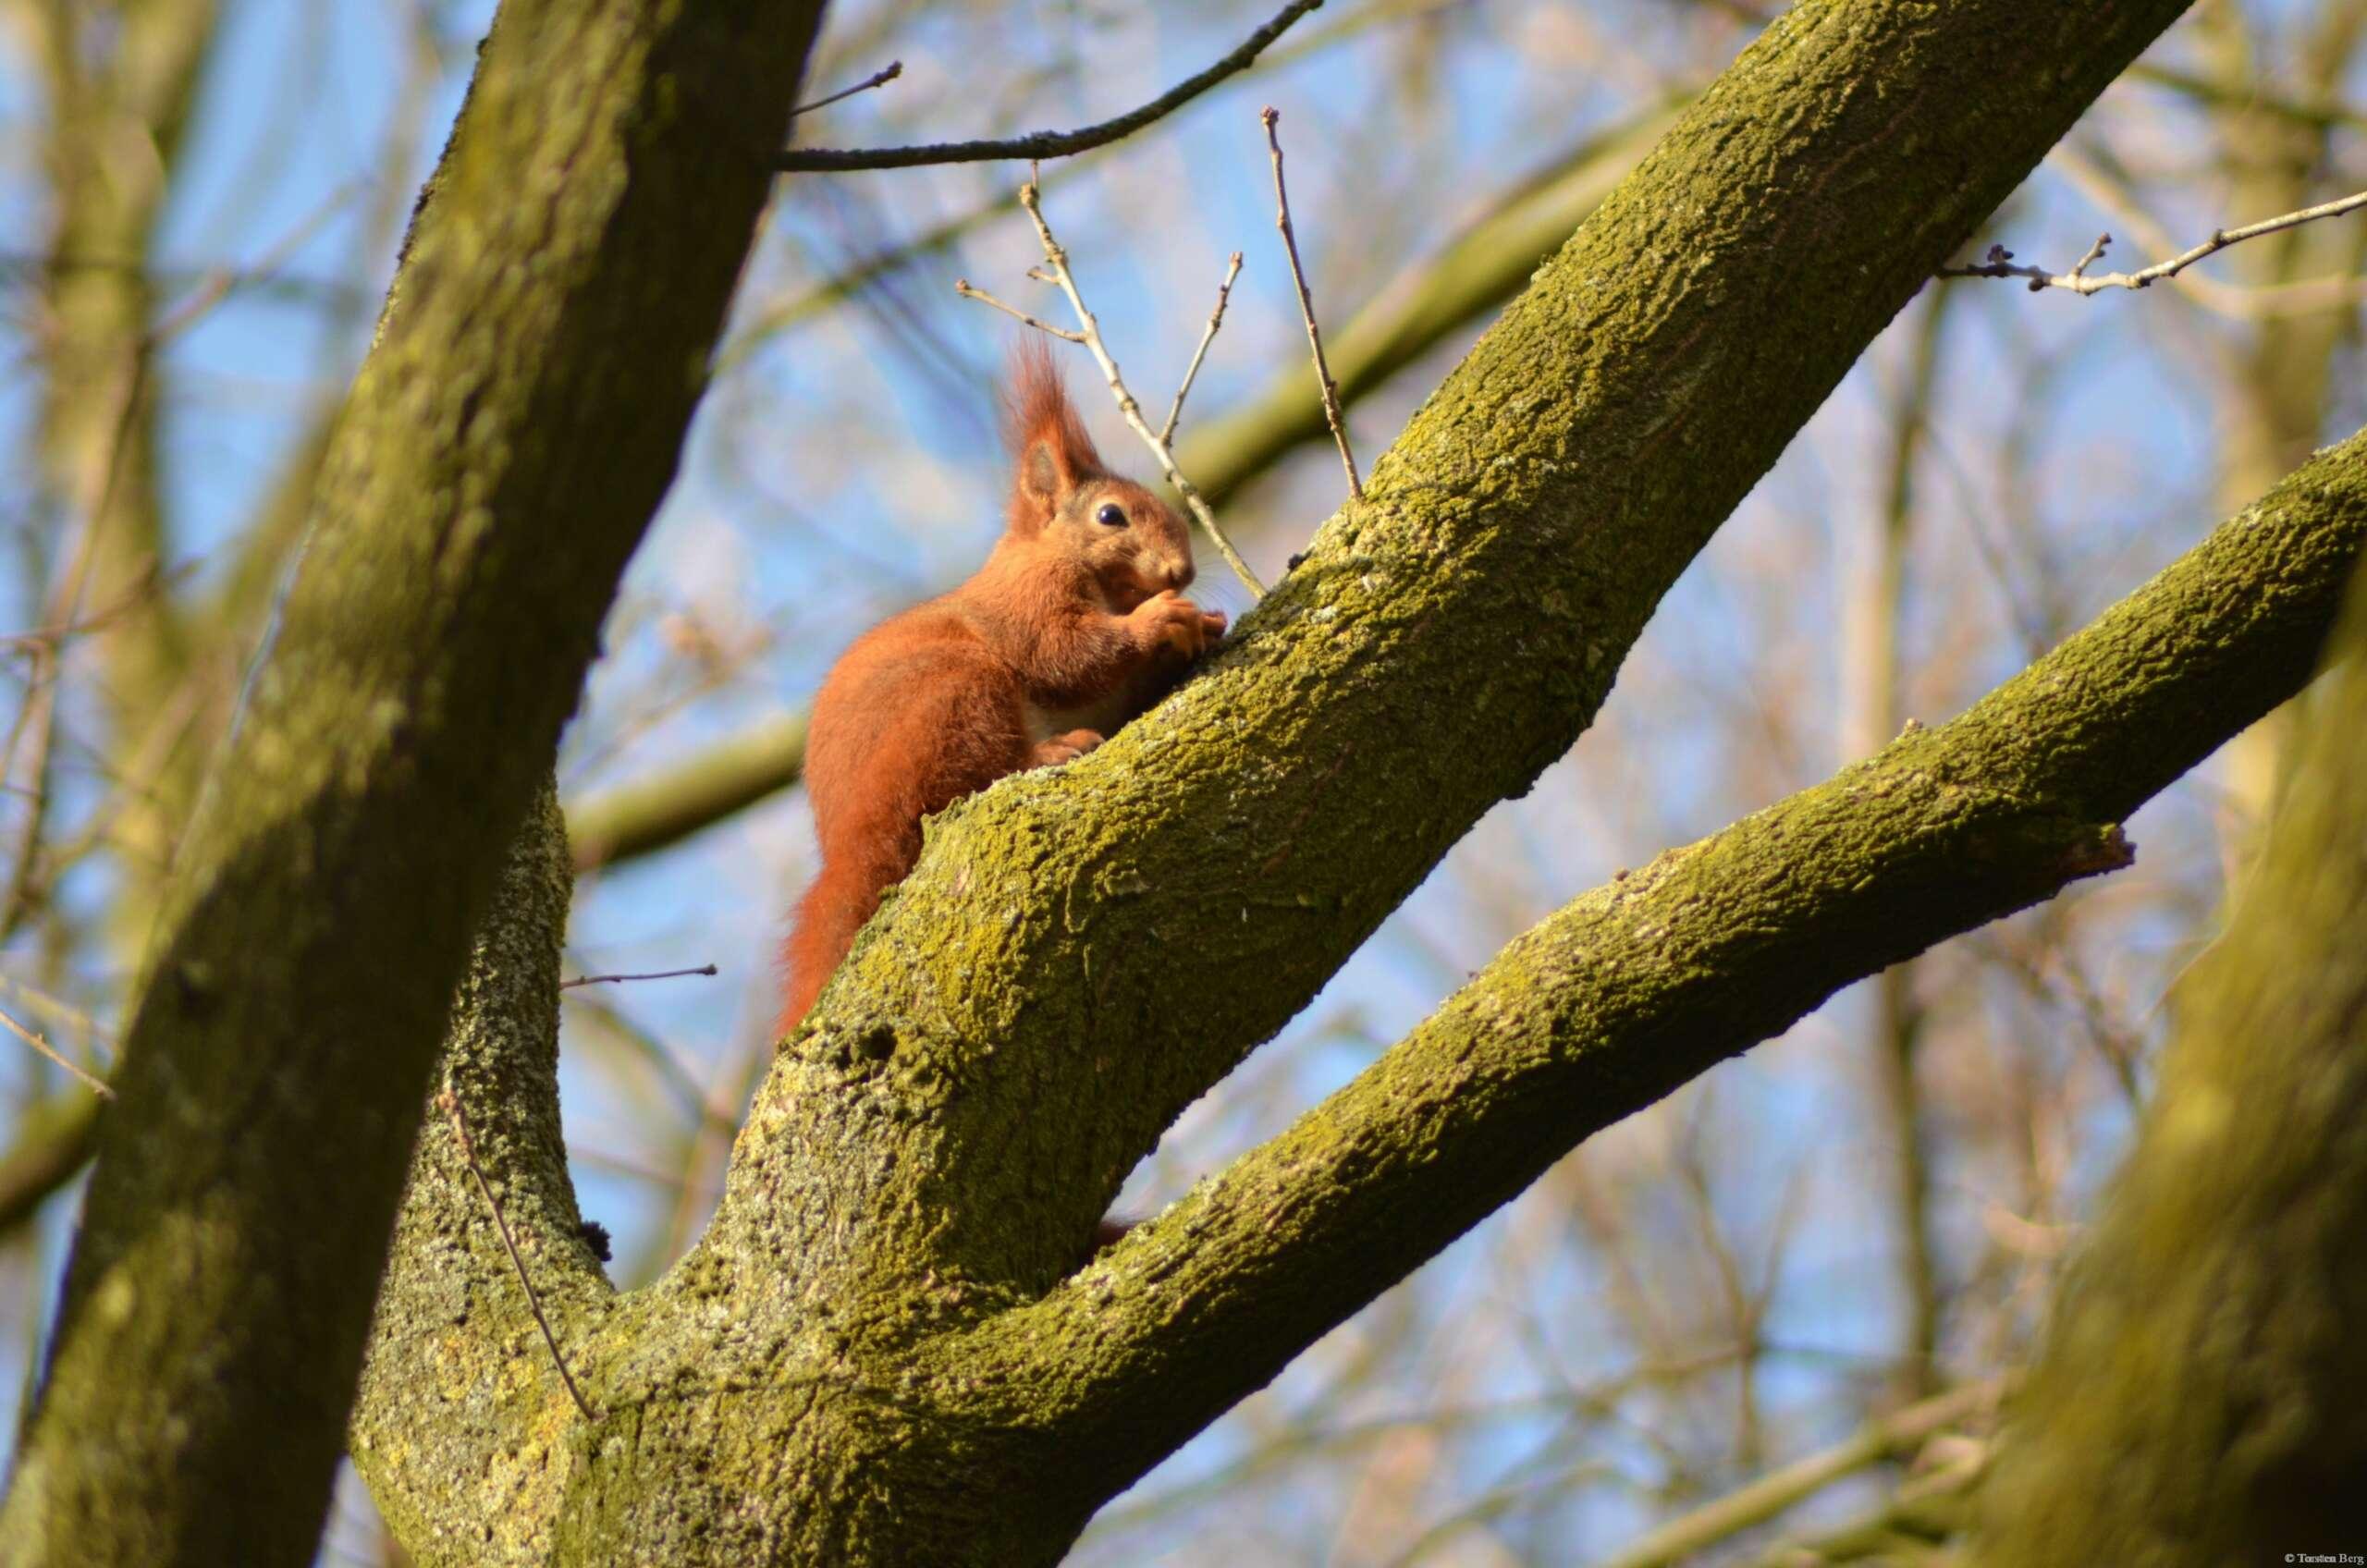 Akrobat im Geäst - das Eichhörnchen